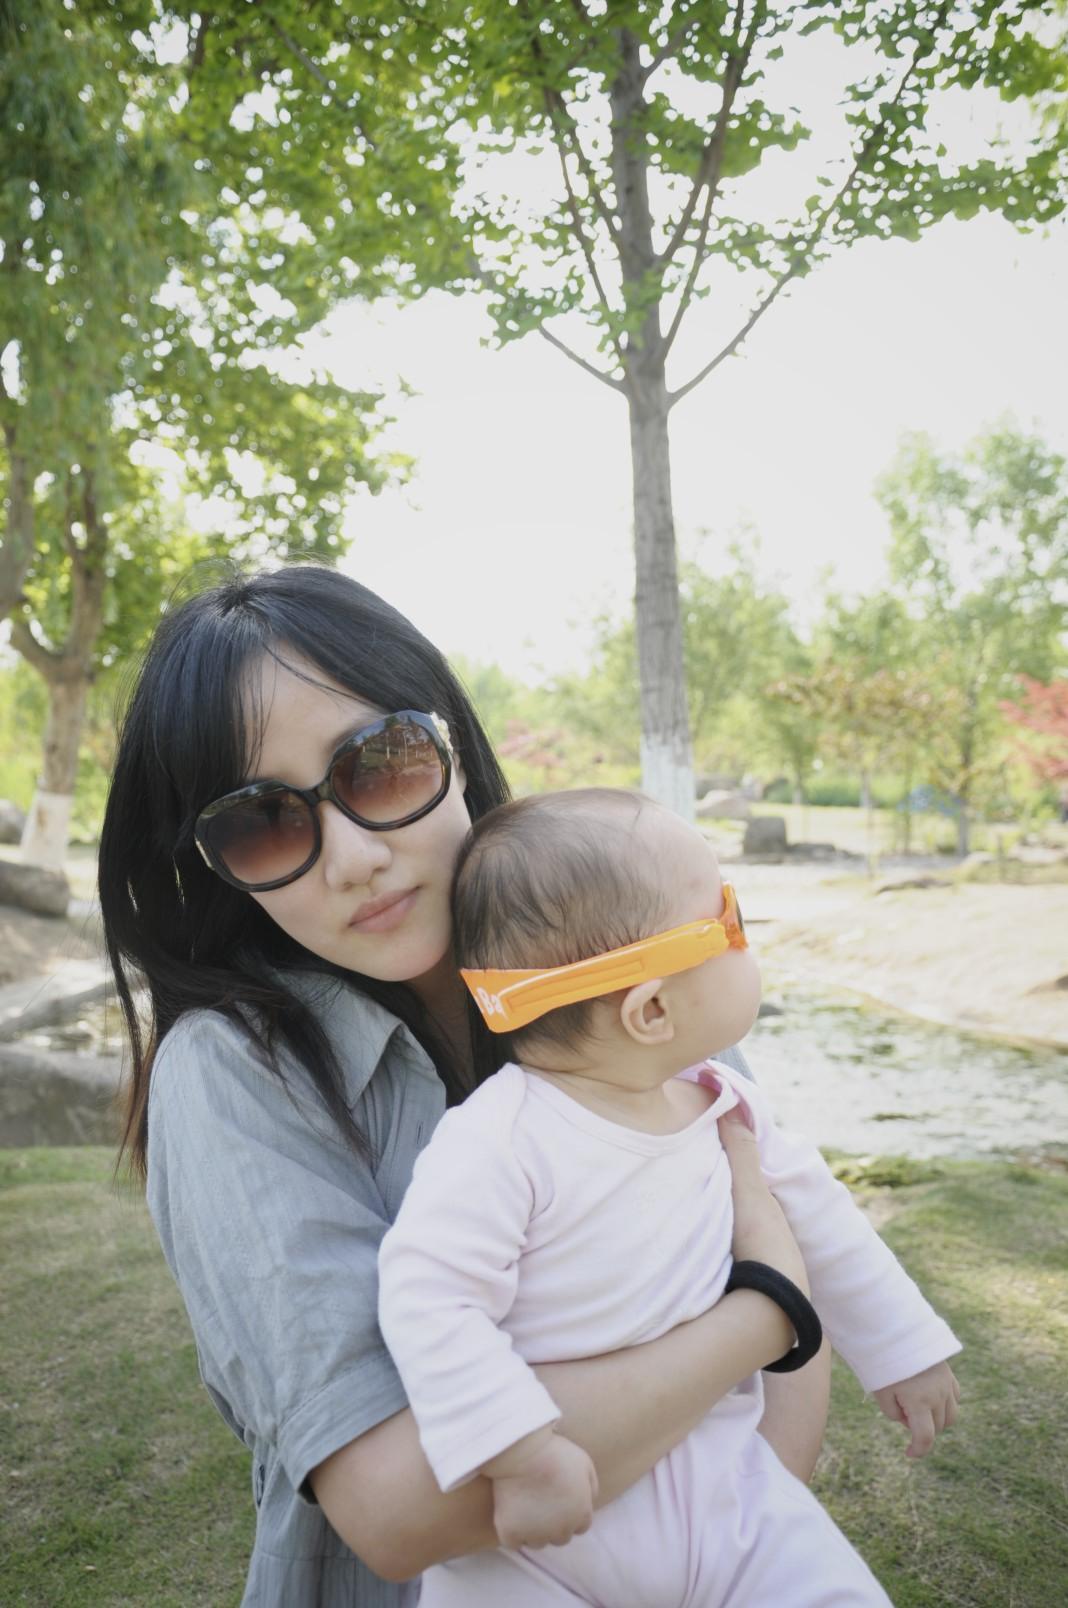 MRHUA博客 家有两美女,我左拥右抱!(照片+视频)